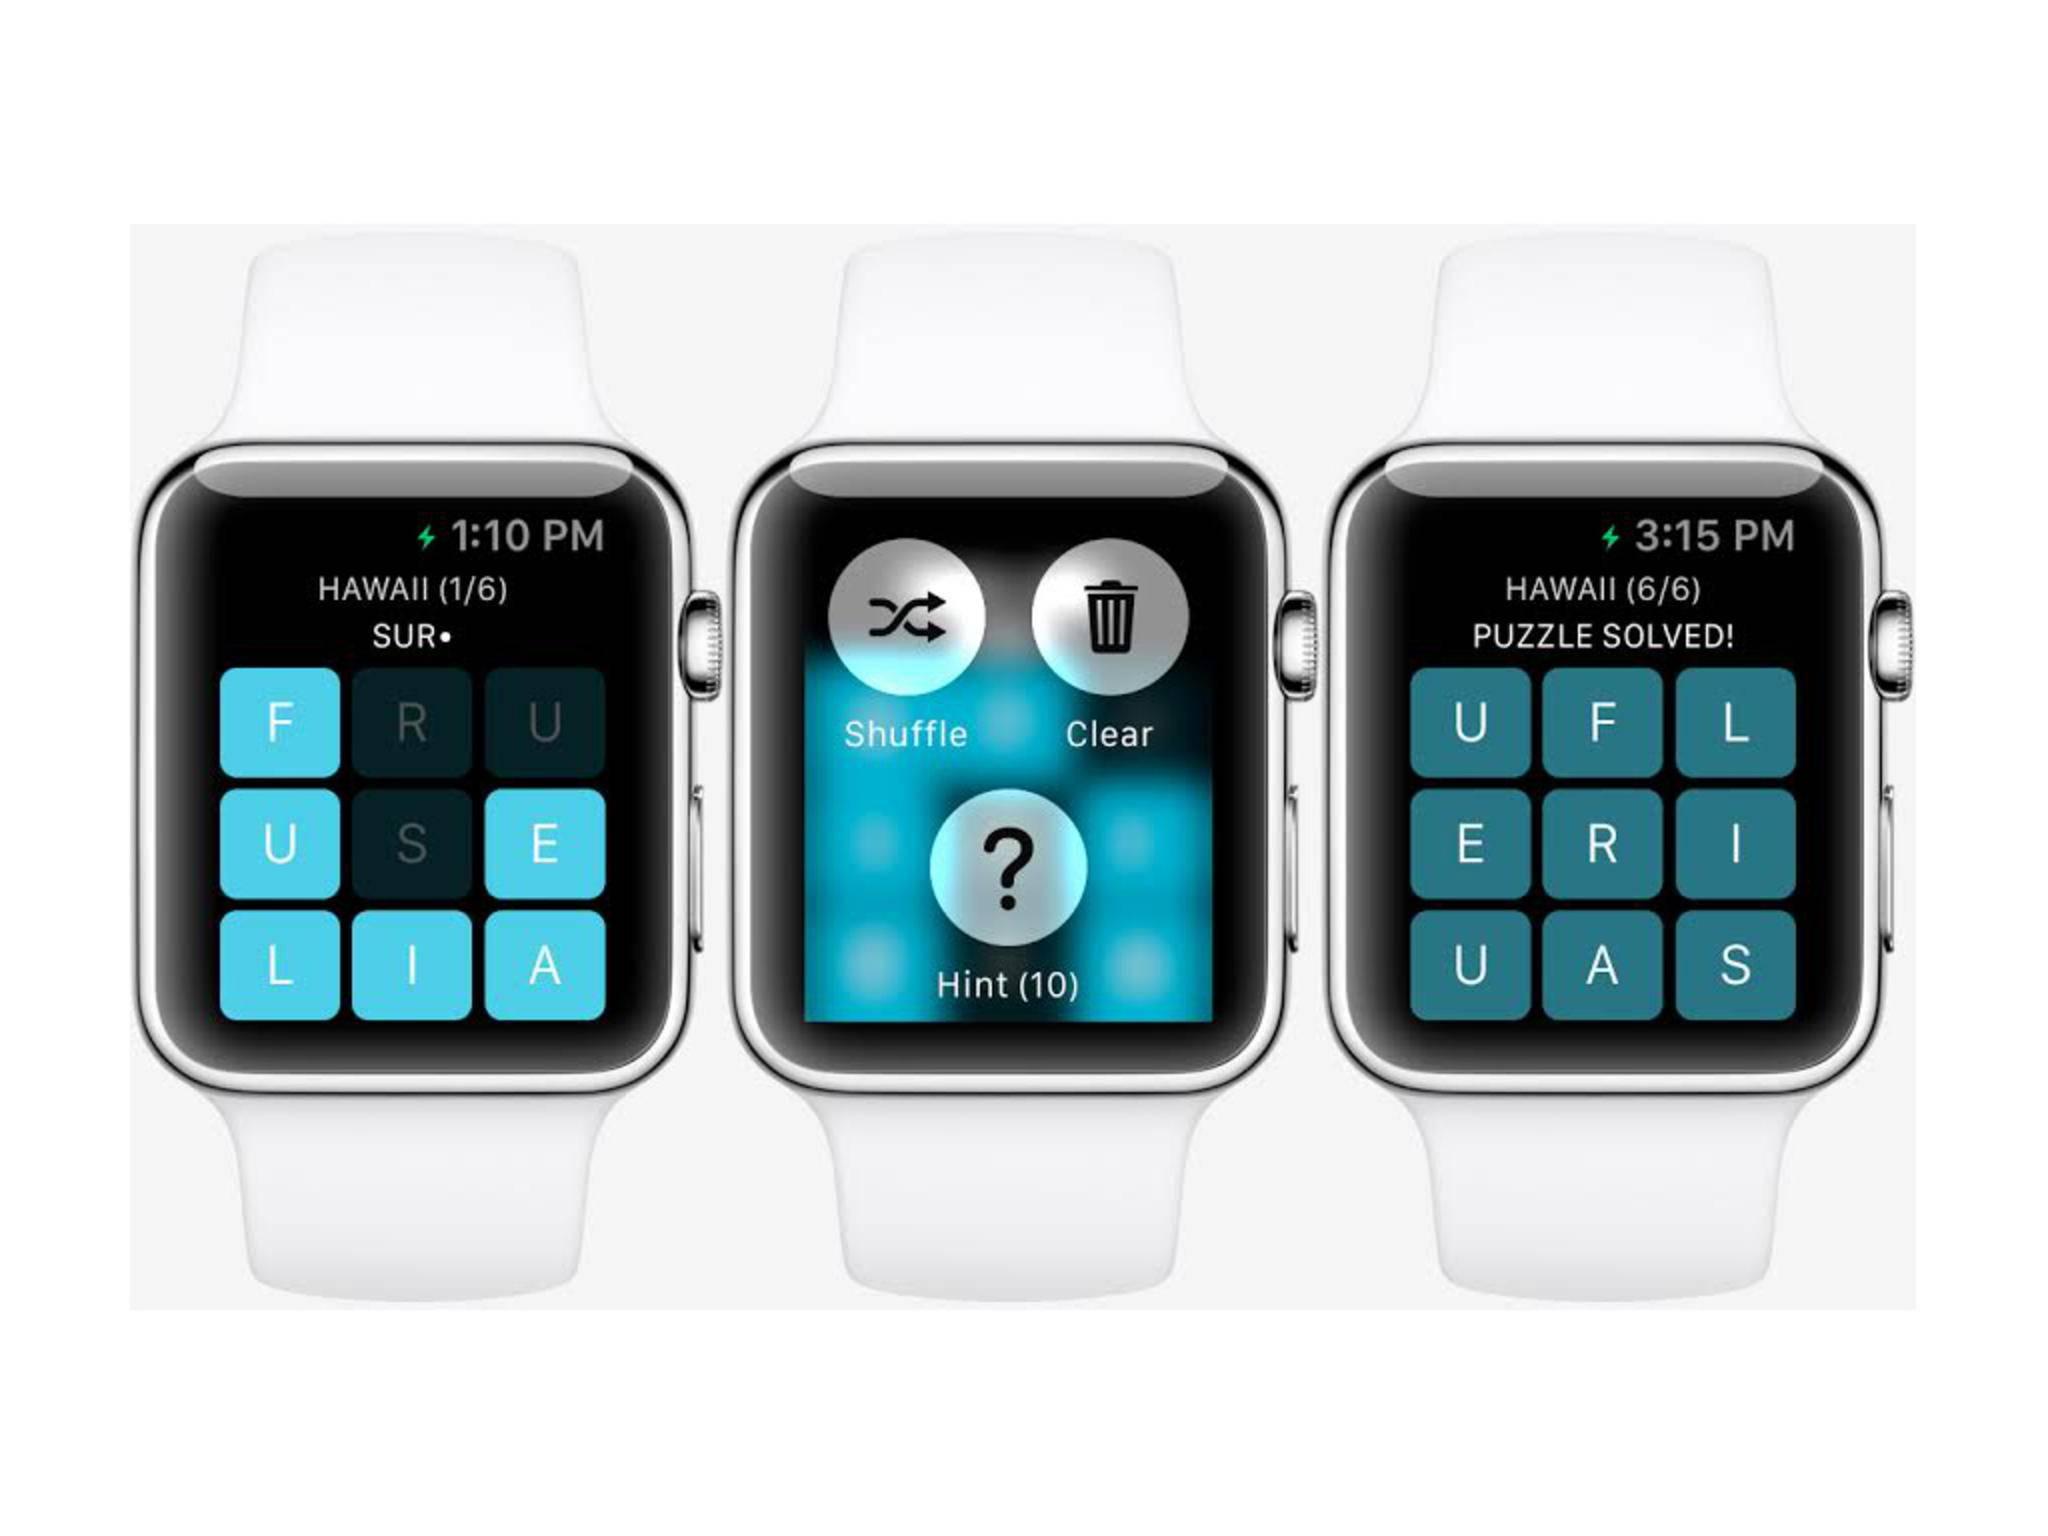 So wird das Spiel Letterpad wohl auf der Apple Watch aussehen.